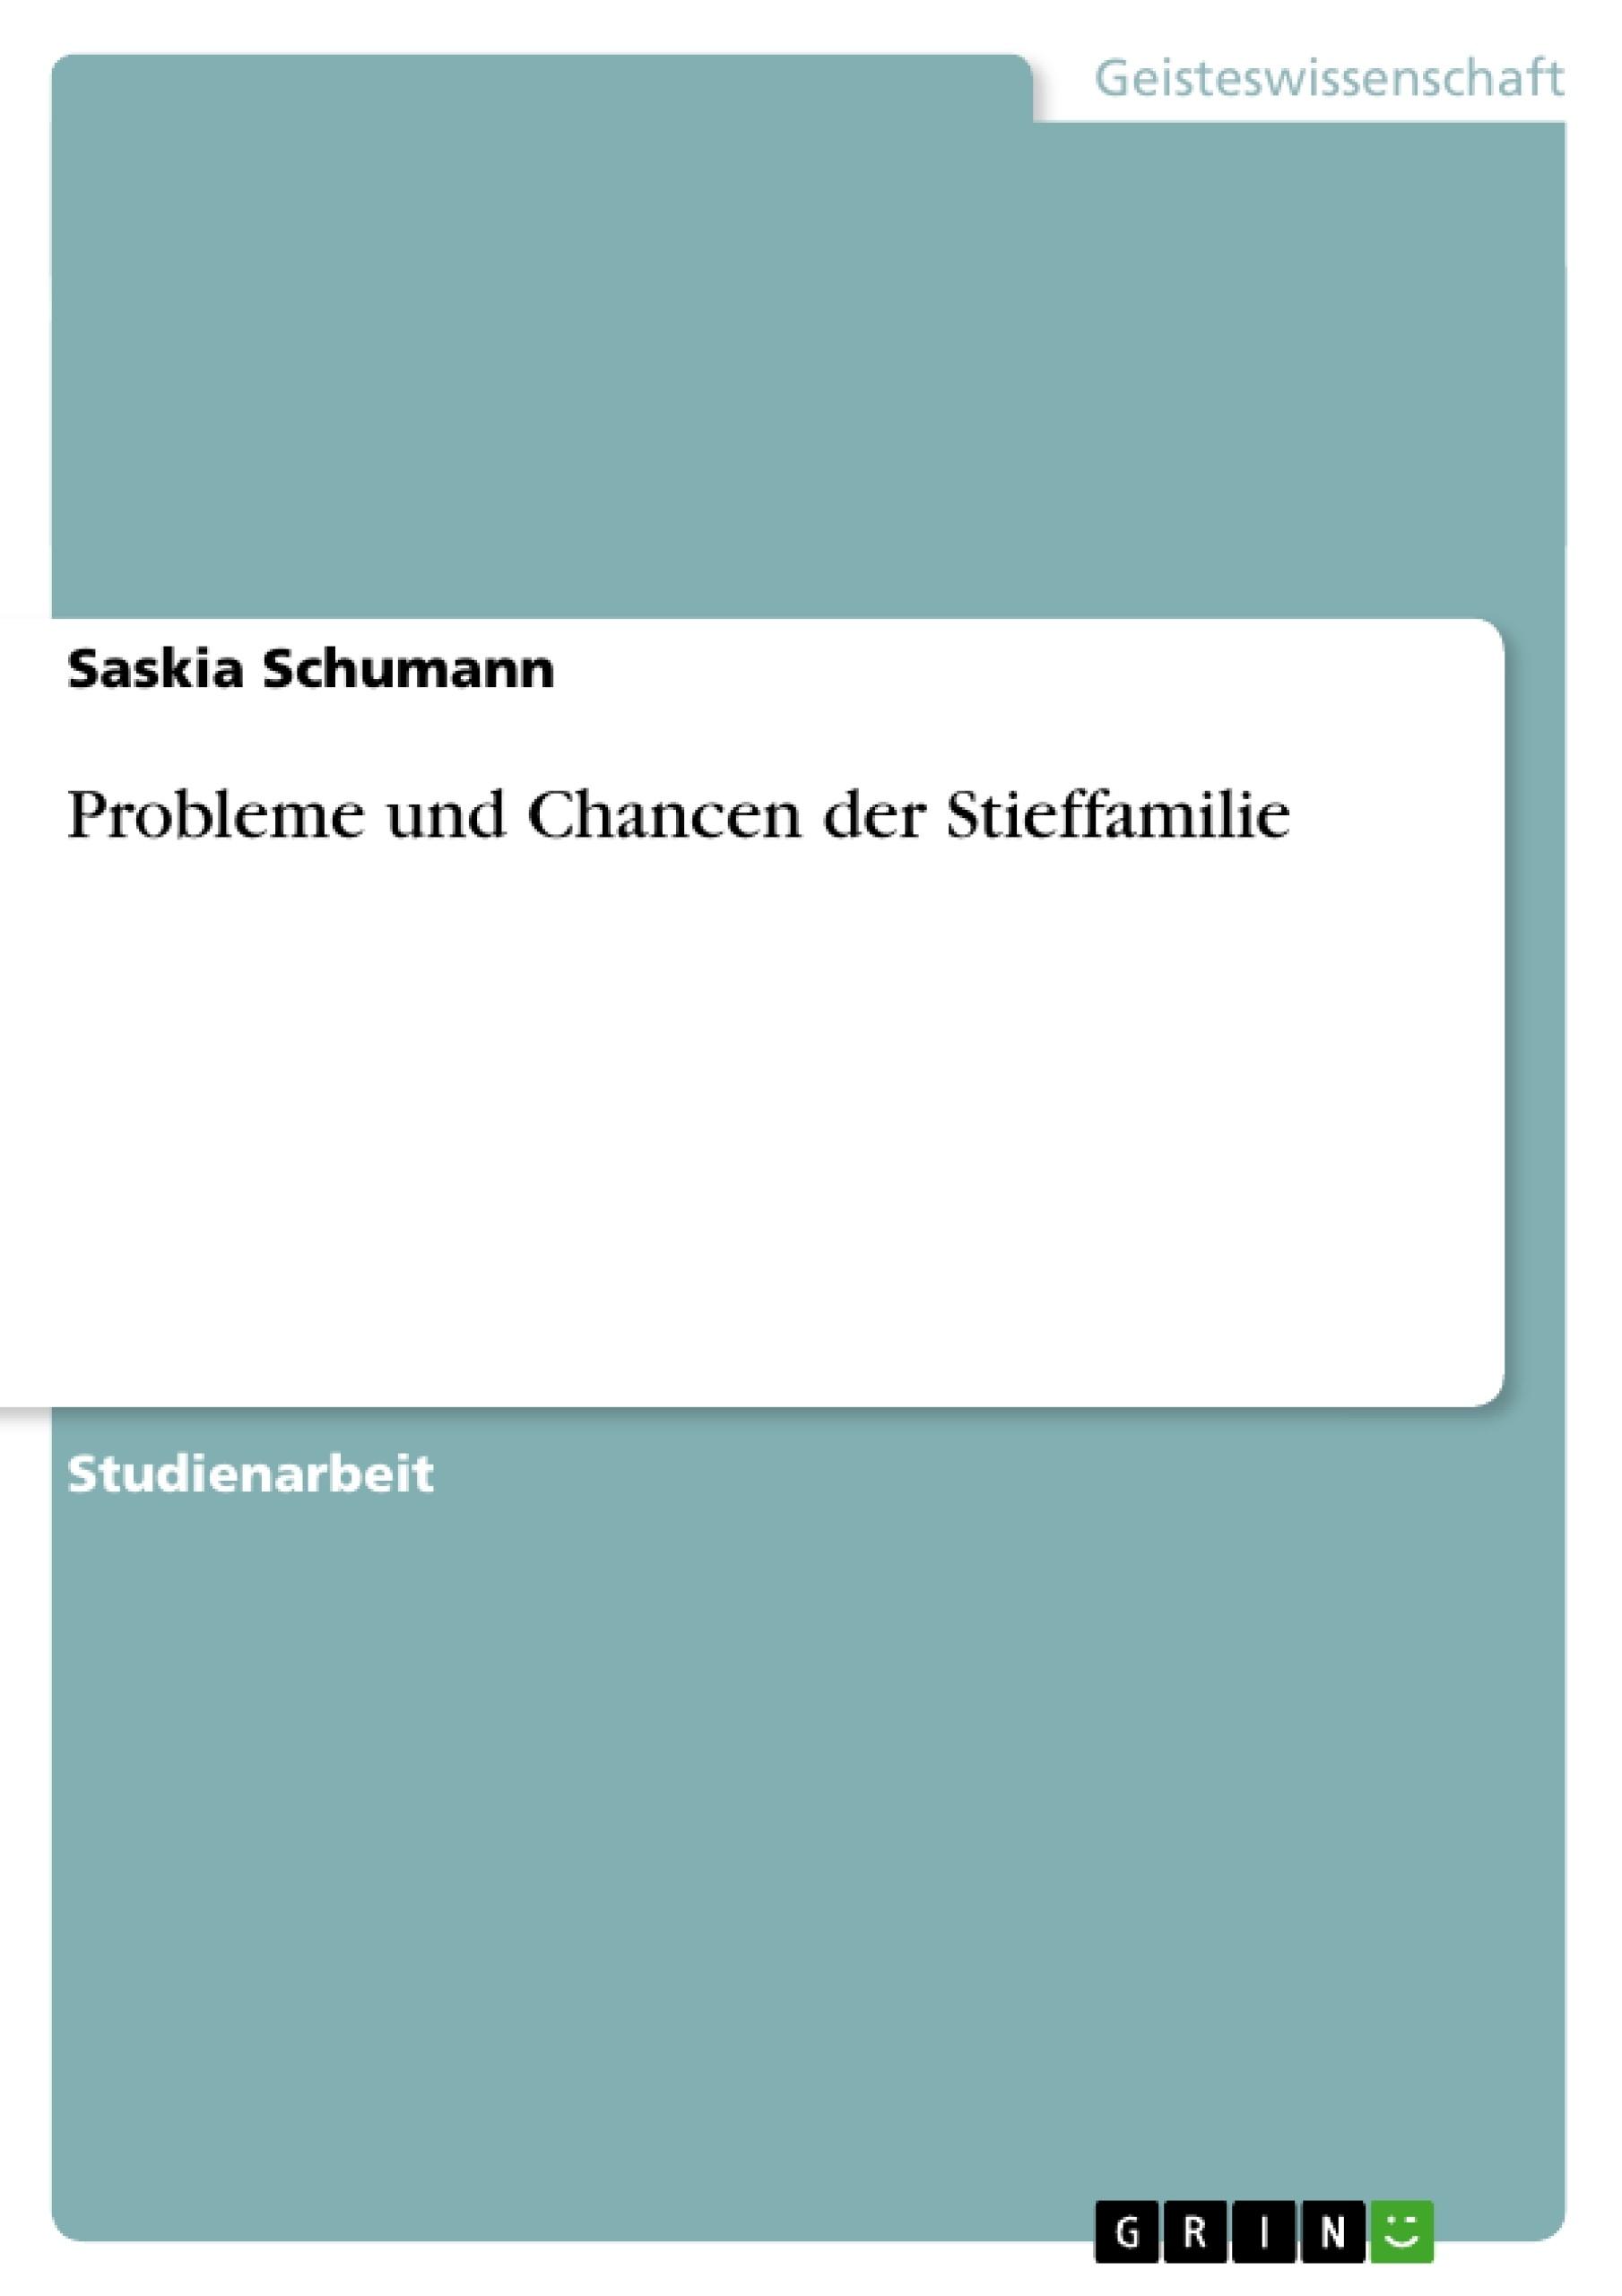 Titel: Probleme und Chancen der Stieffamilie